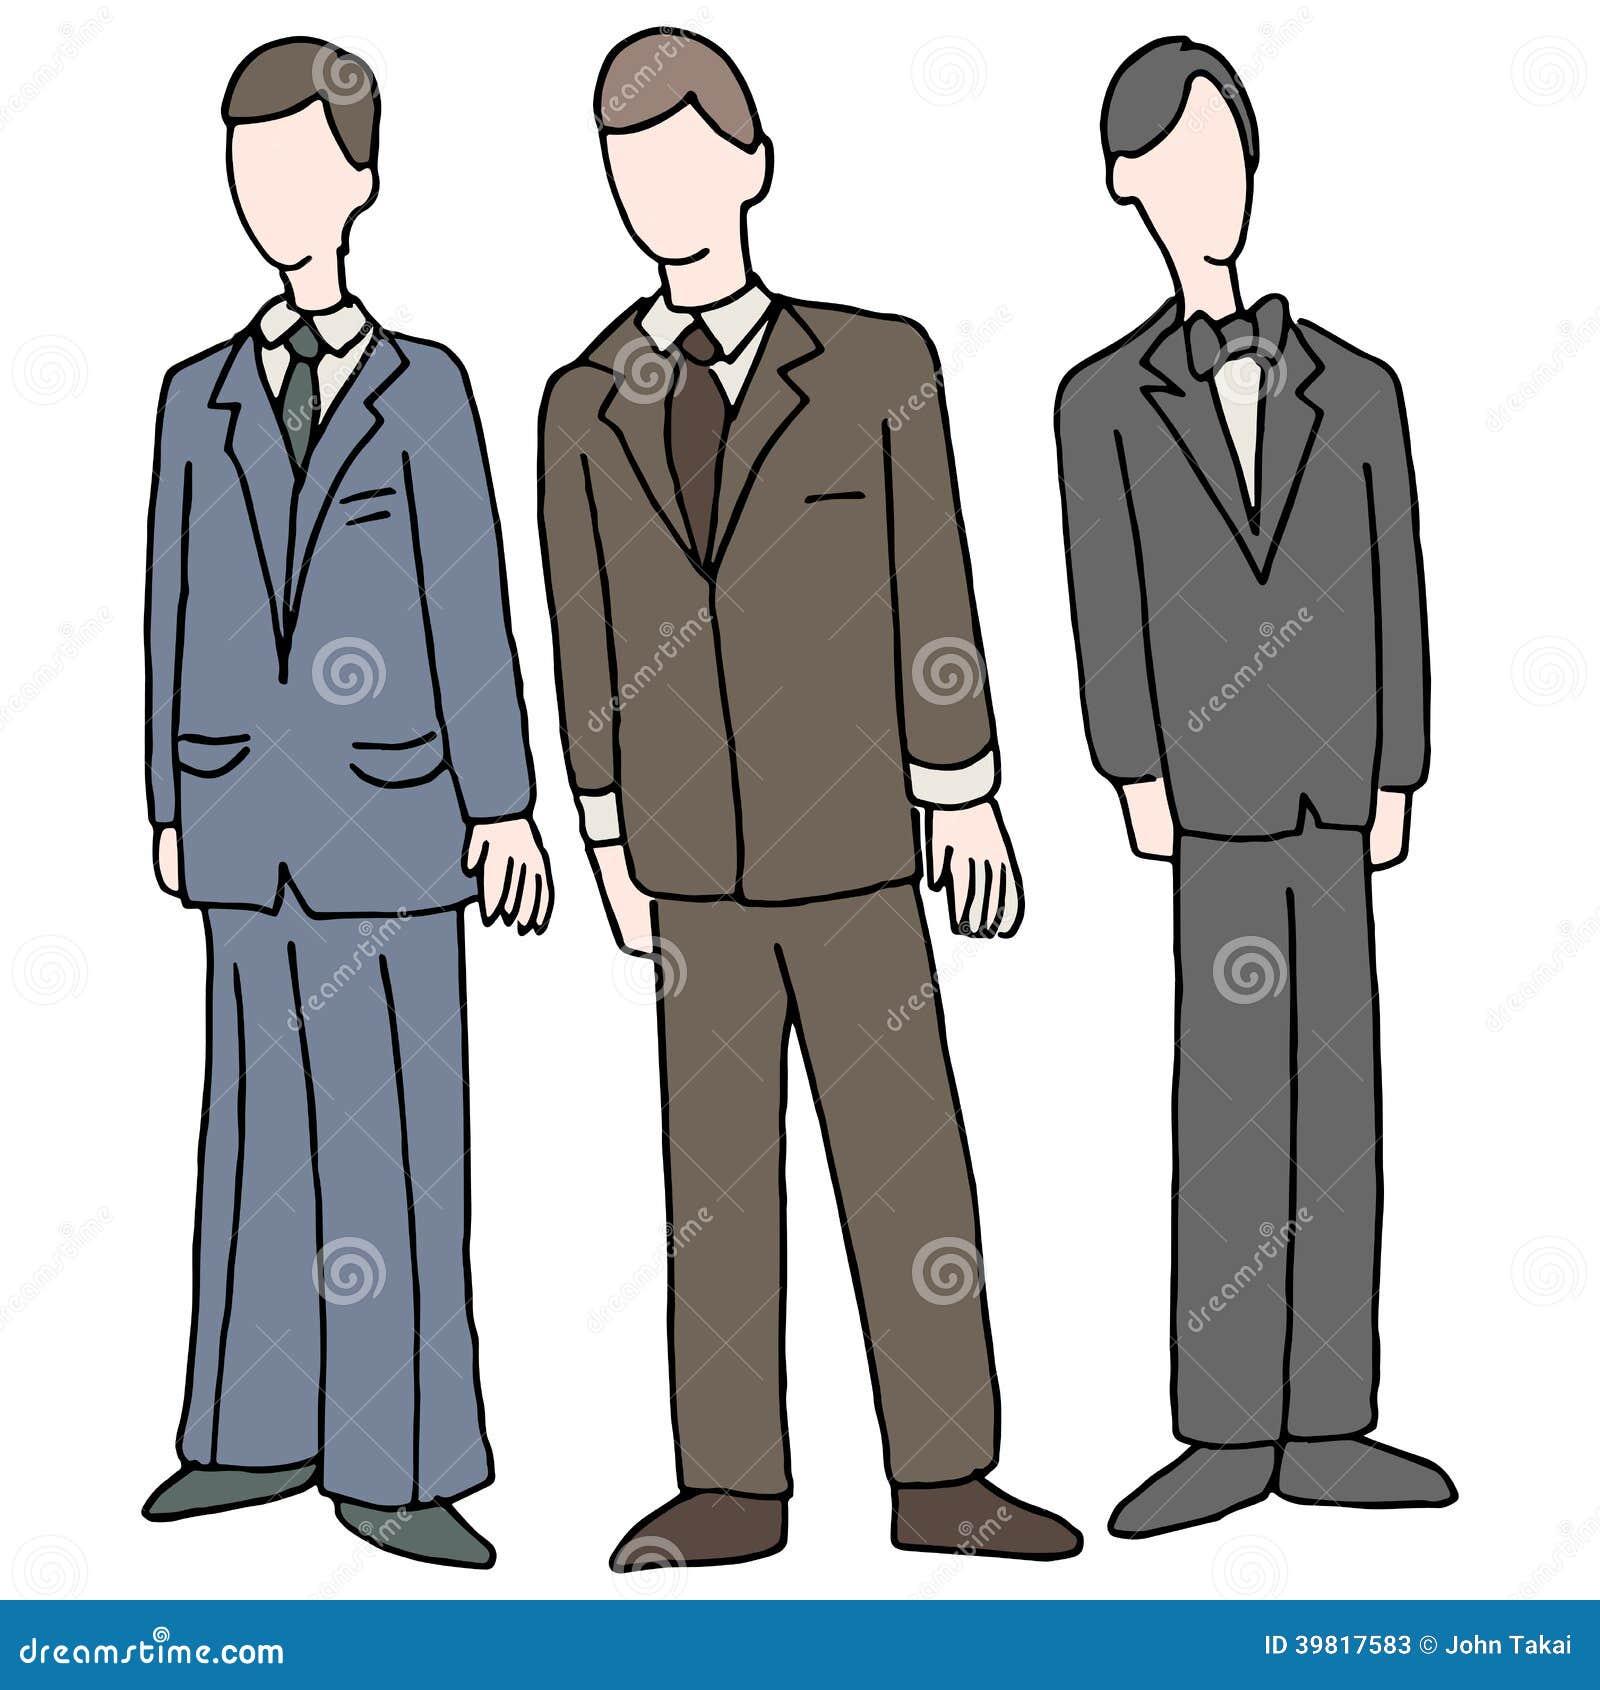 穿正式服装的人的图象.图片